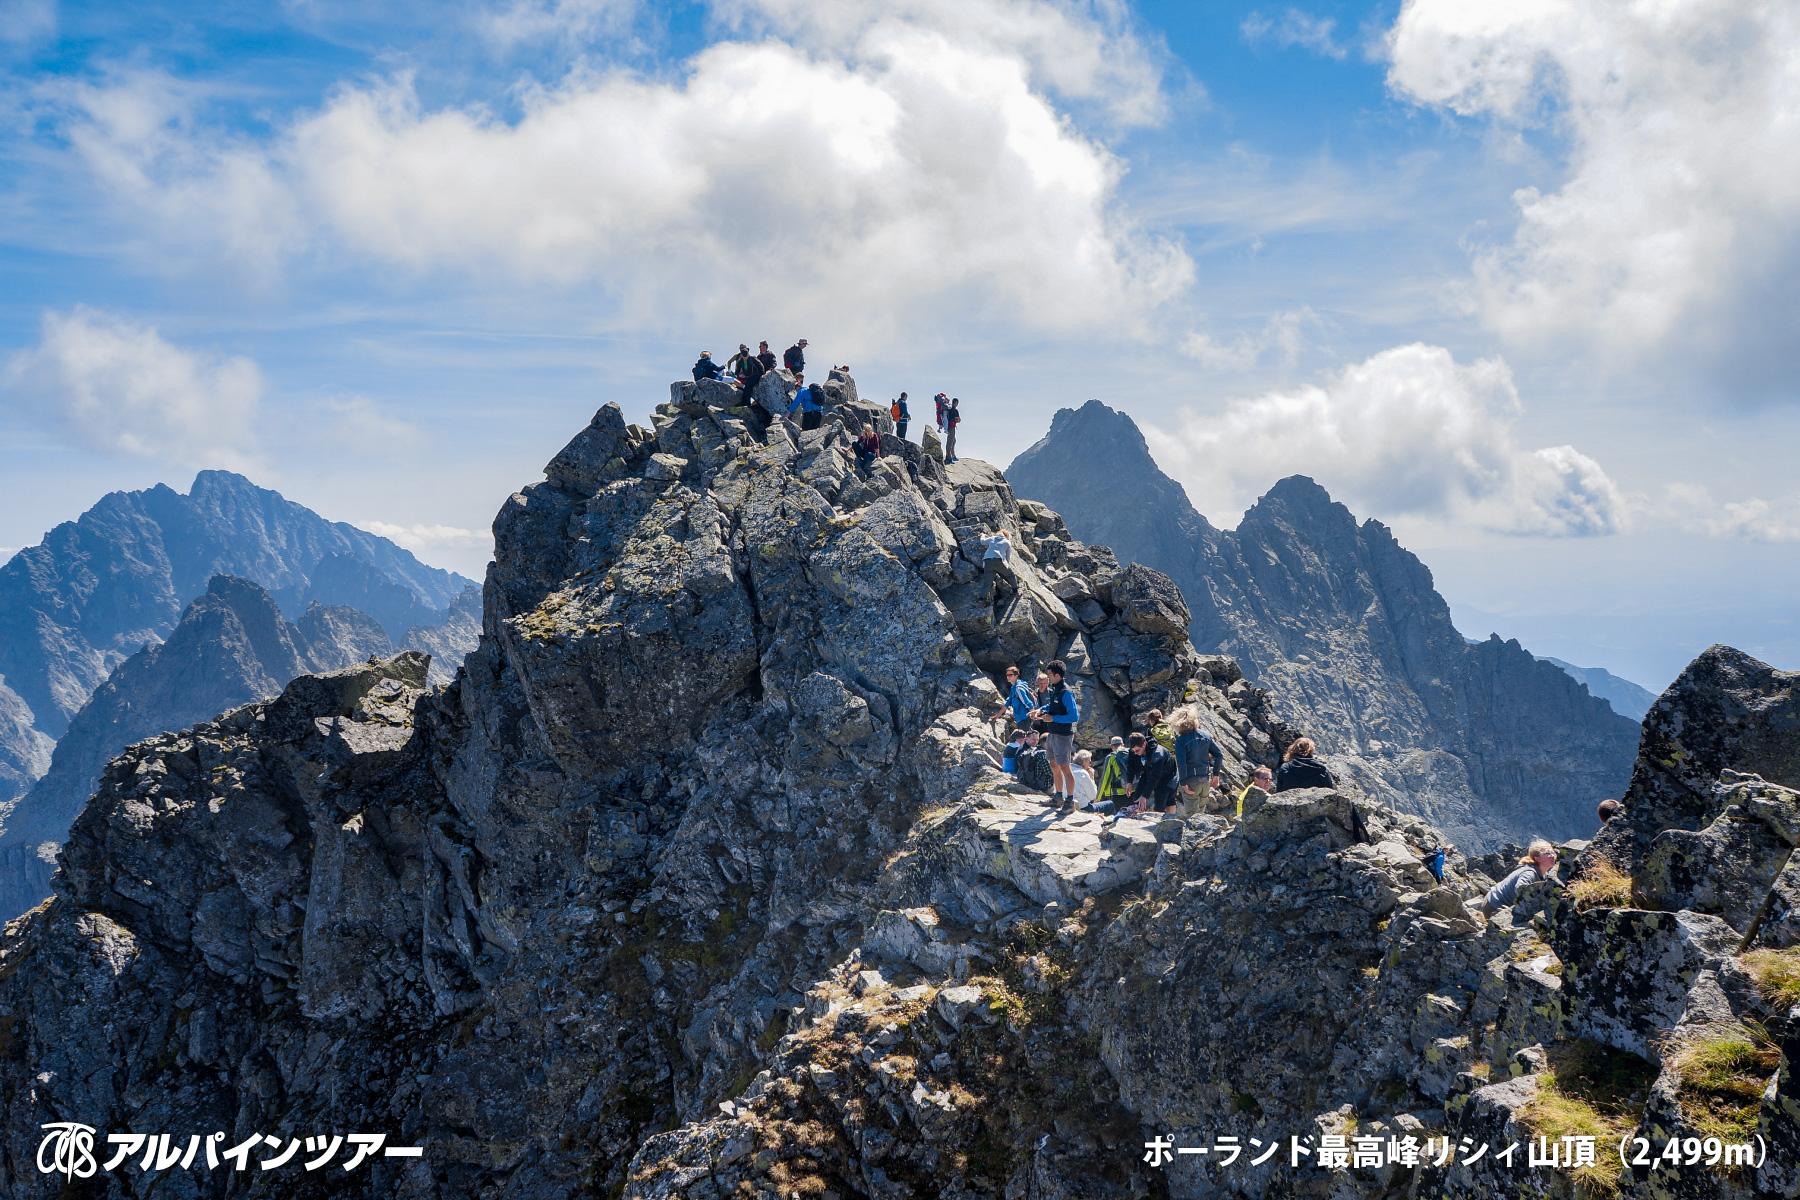 【今日の名峰】 ポーランド最高峰 リシィ山(2,499m)